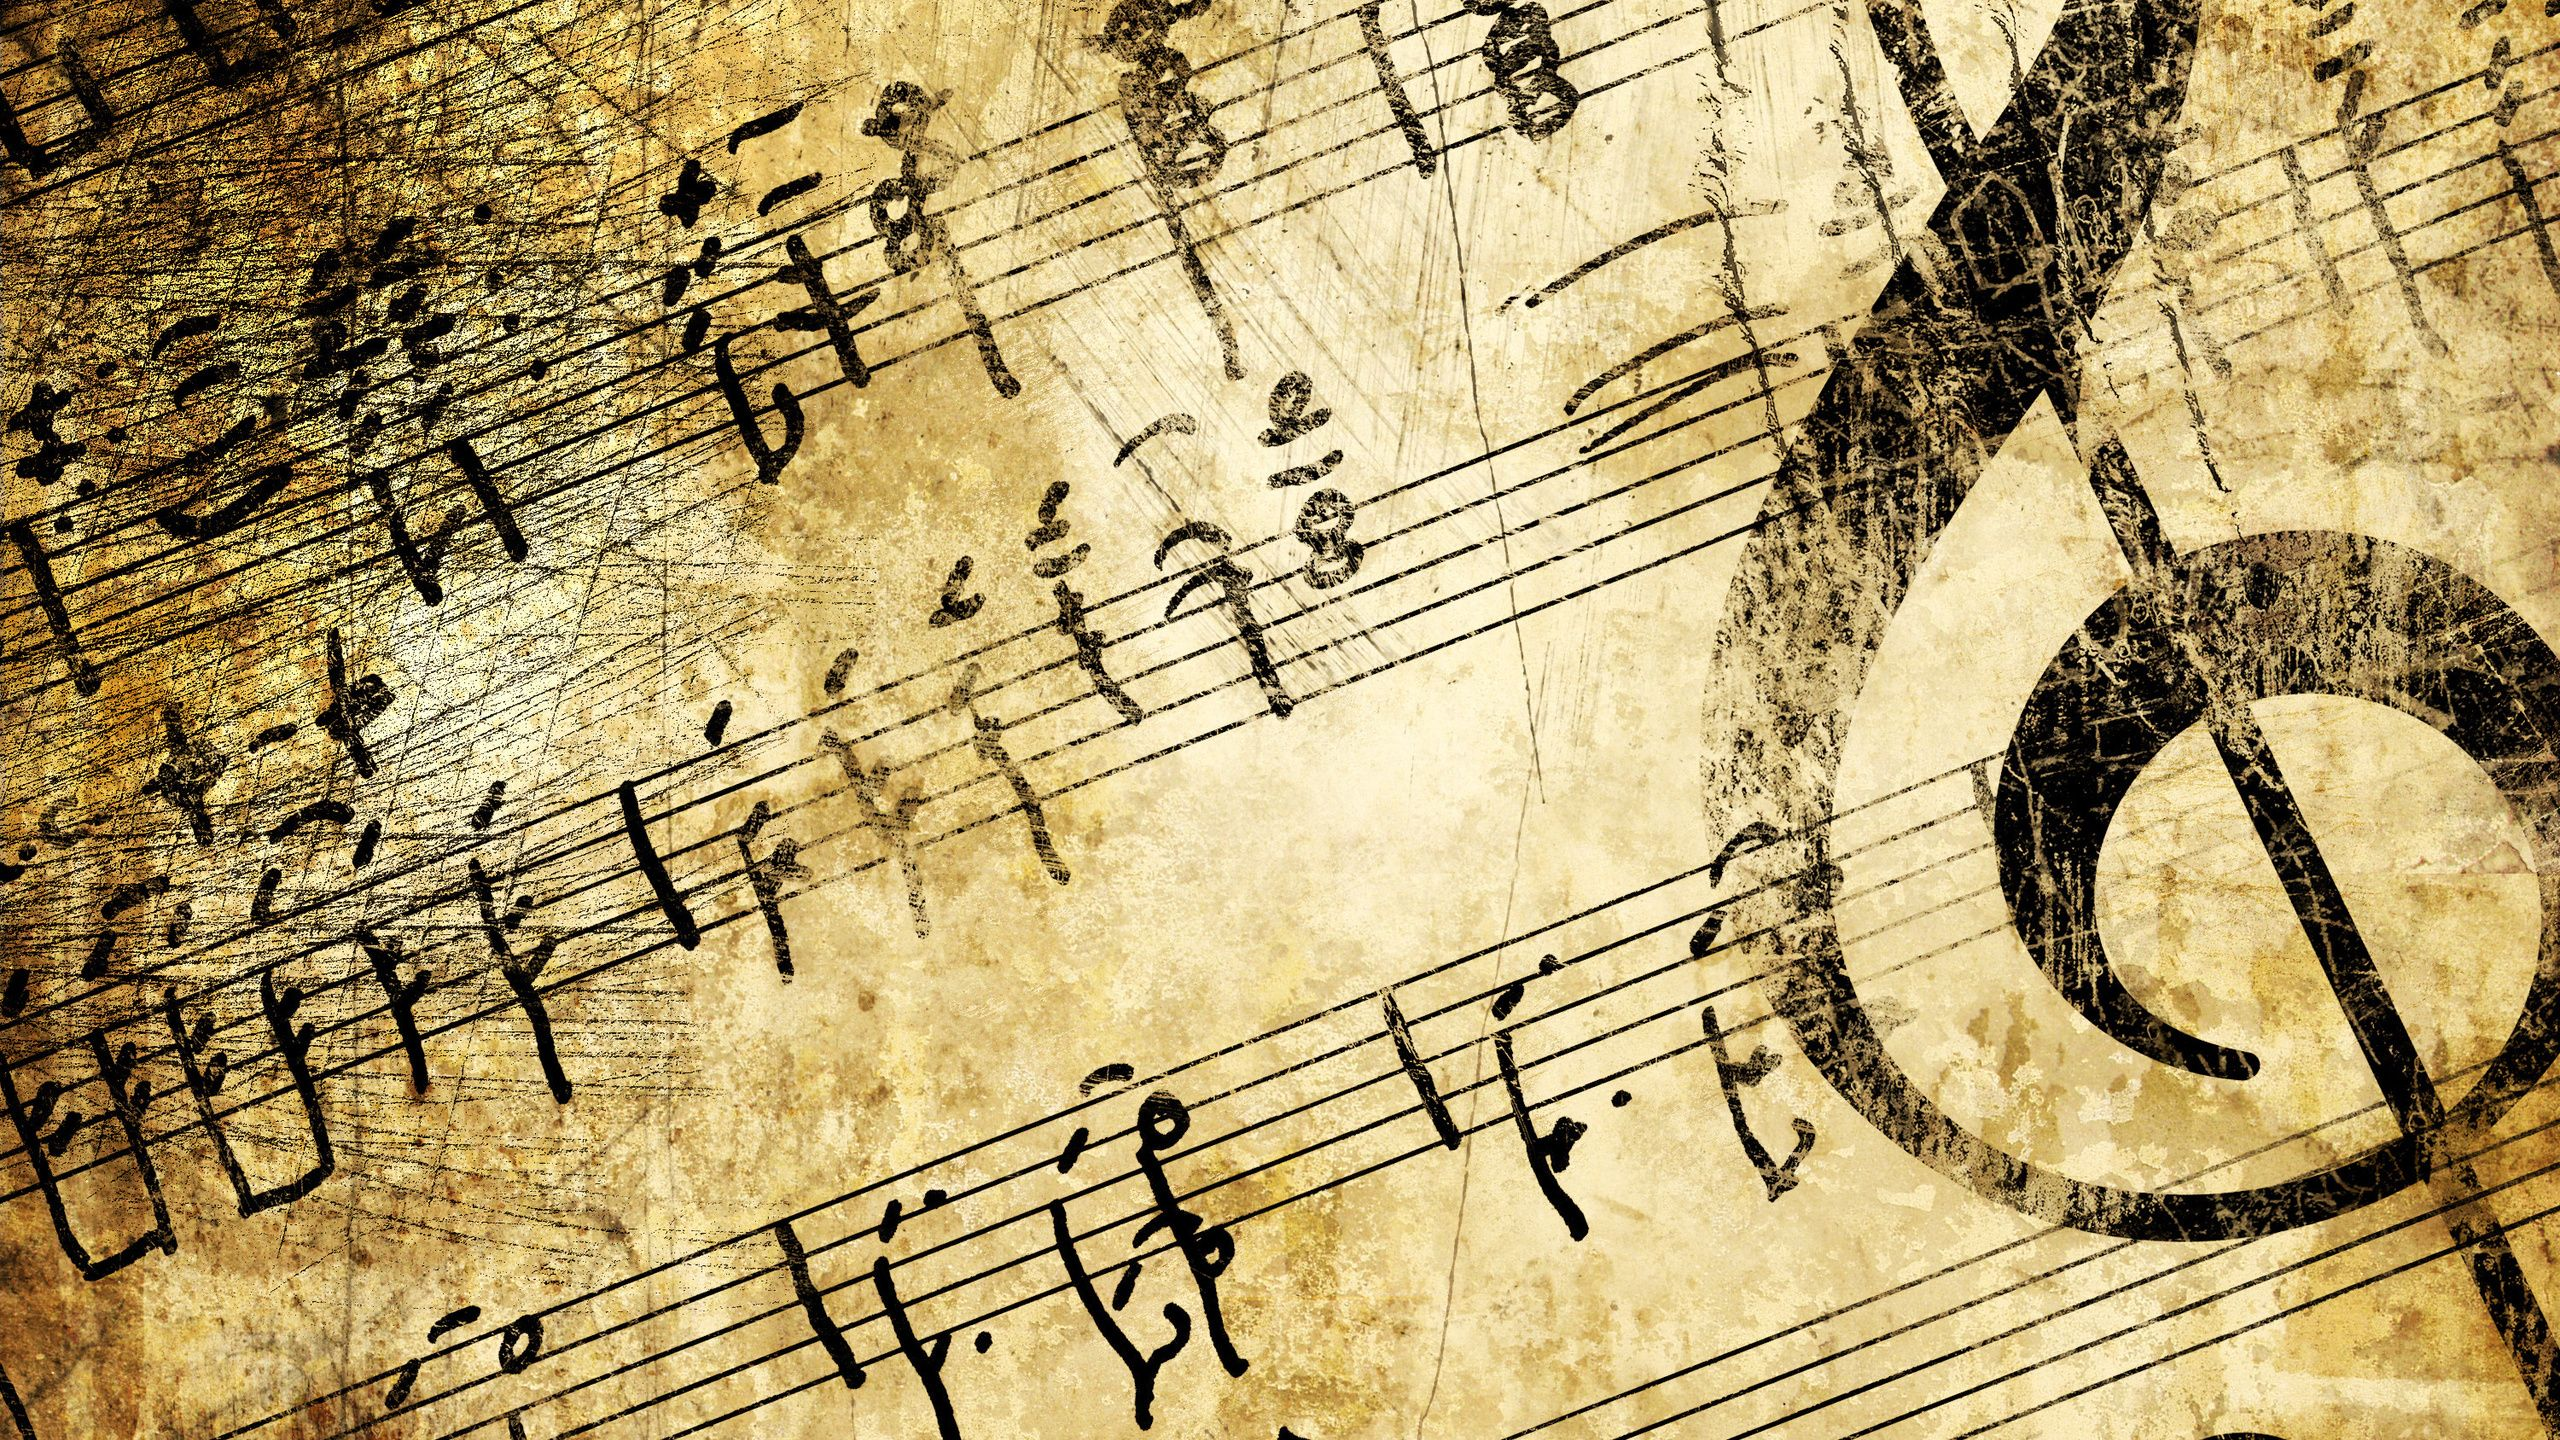 Muzyka Music Wallpaper Sheet Music Vintage Music